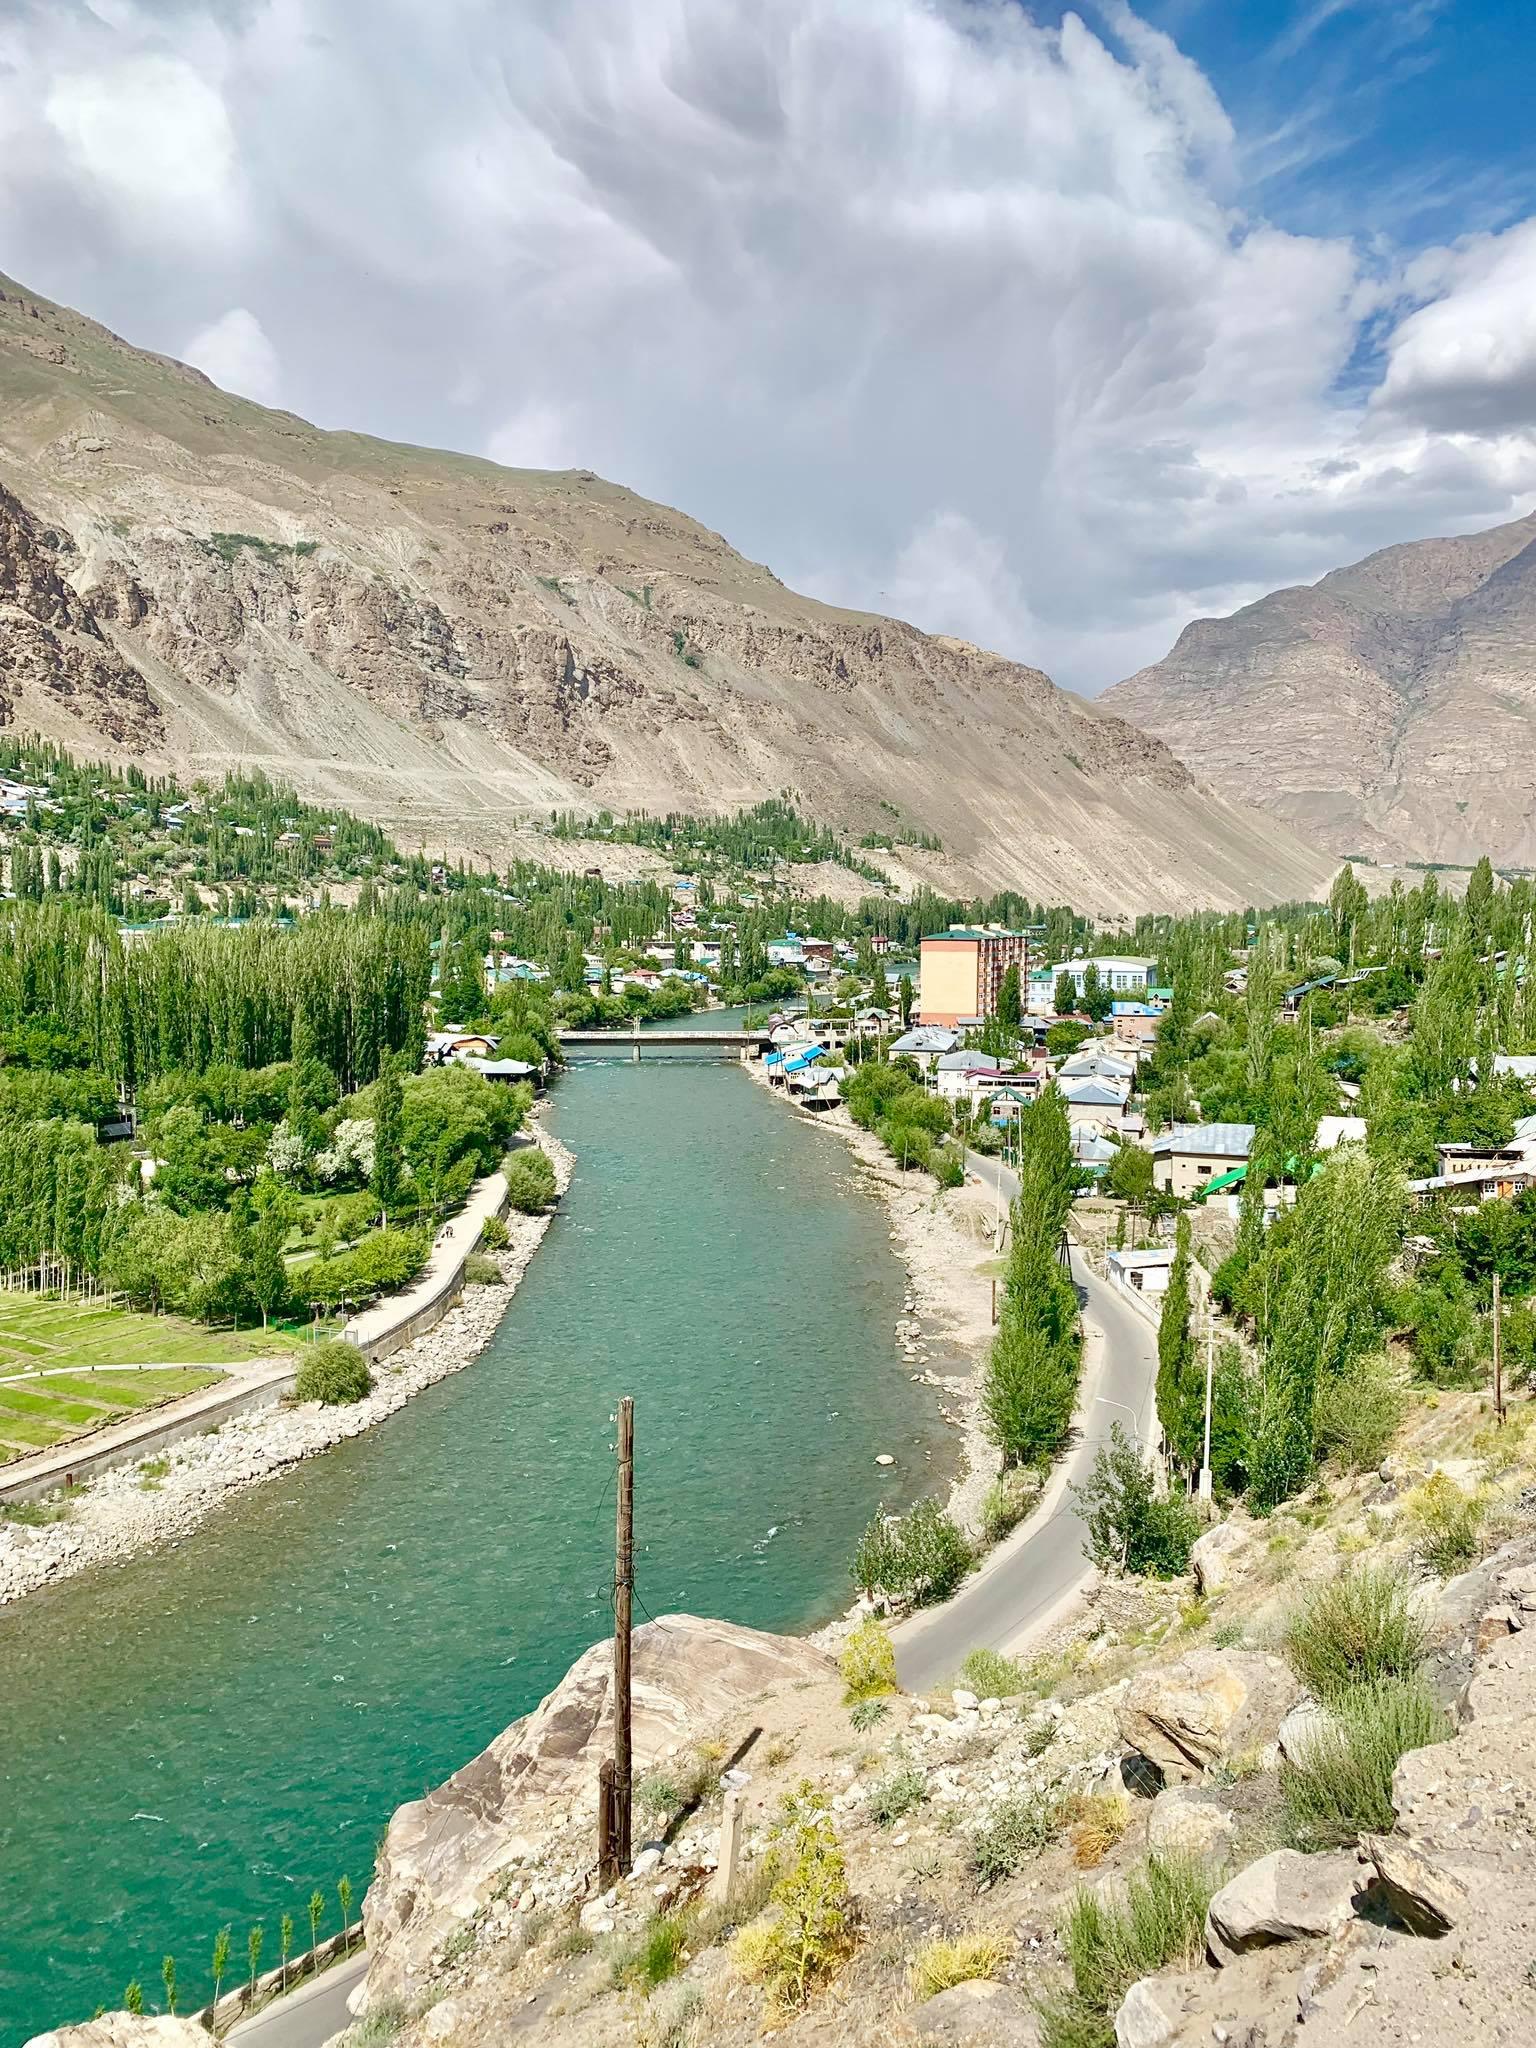 Kach Solo Travels in 2019 Pamir Highway Trip in Tajikistan10.jpg